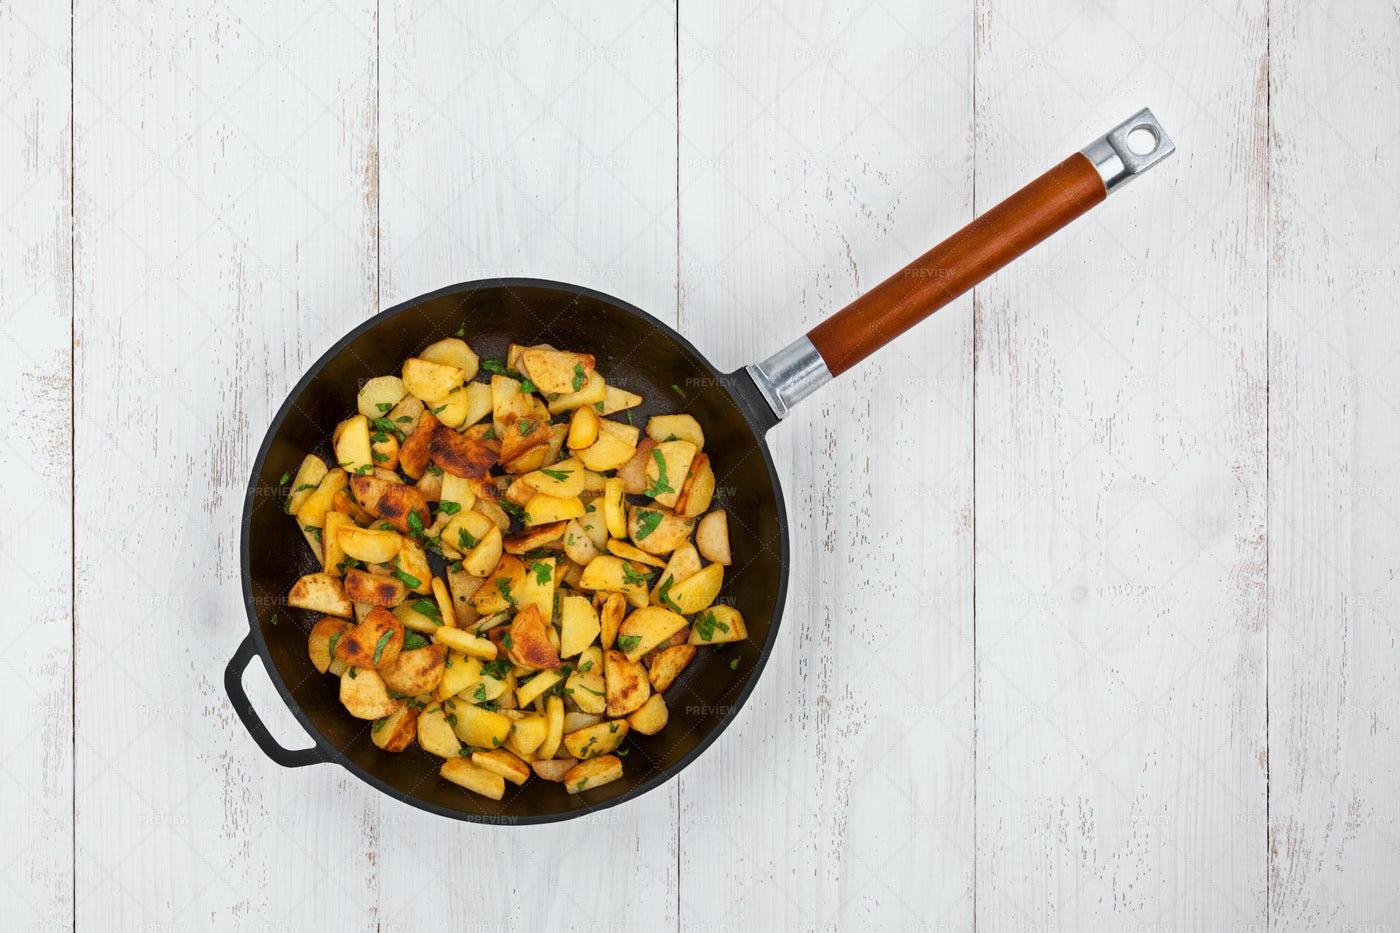 Potatoes In A Frying Pan: Stock Photos